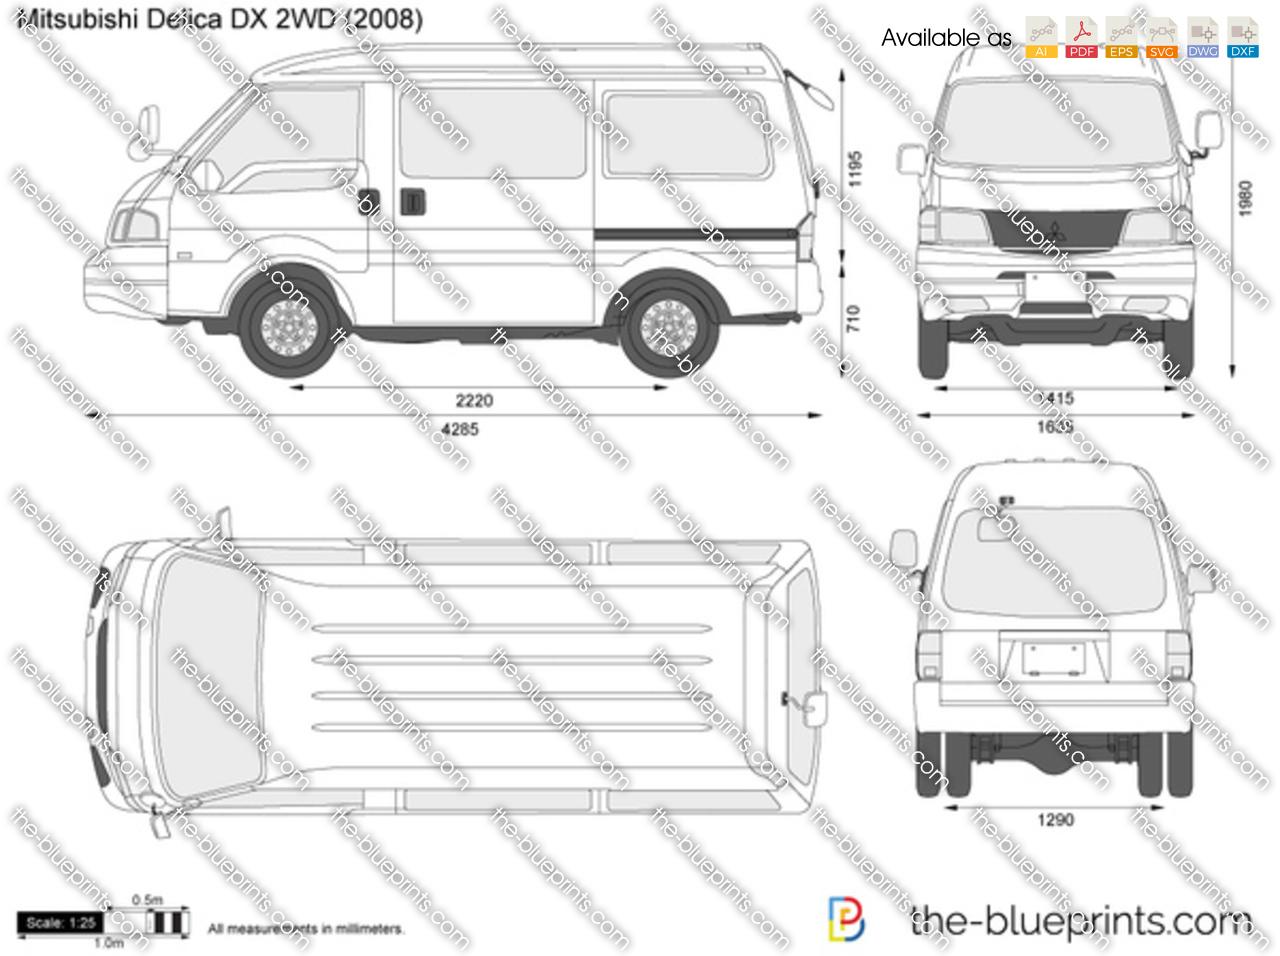 Mitsubishi Delica DX 2WD 1994